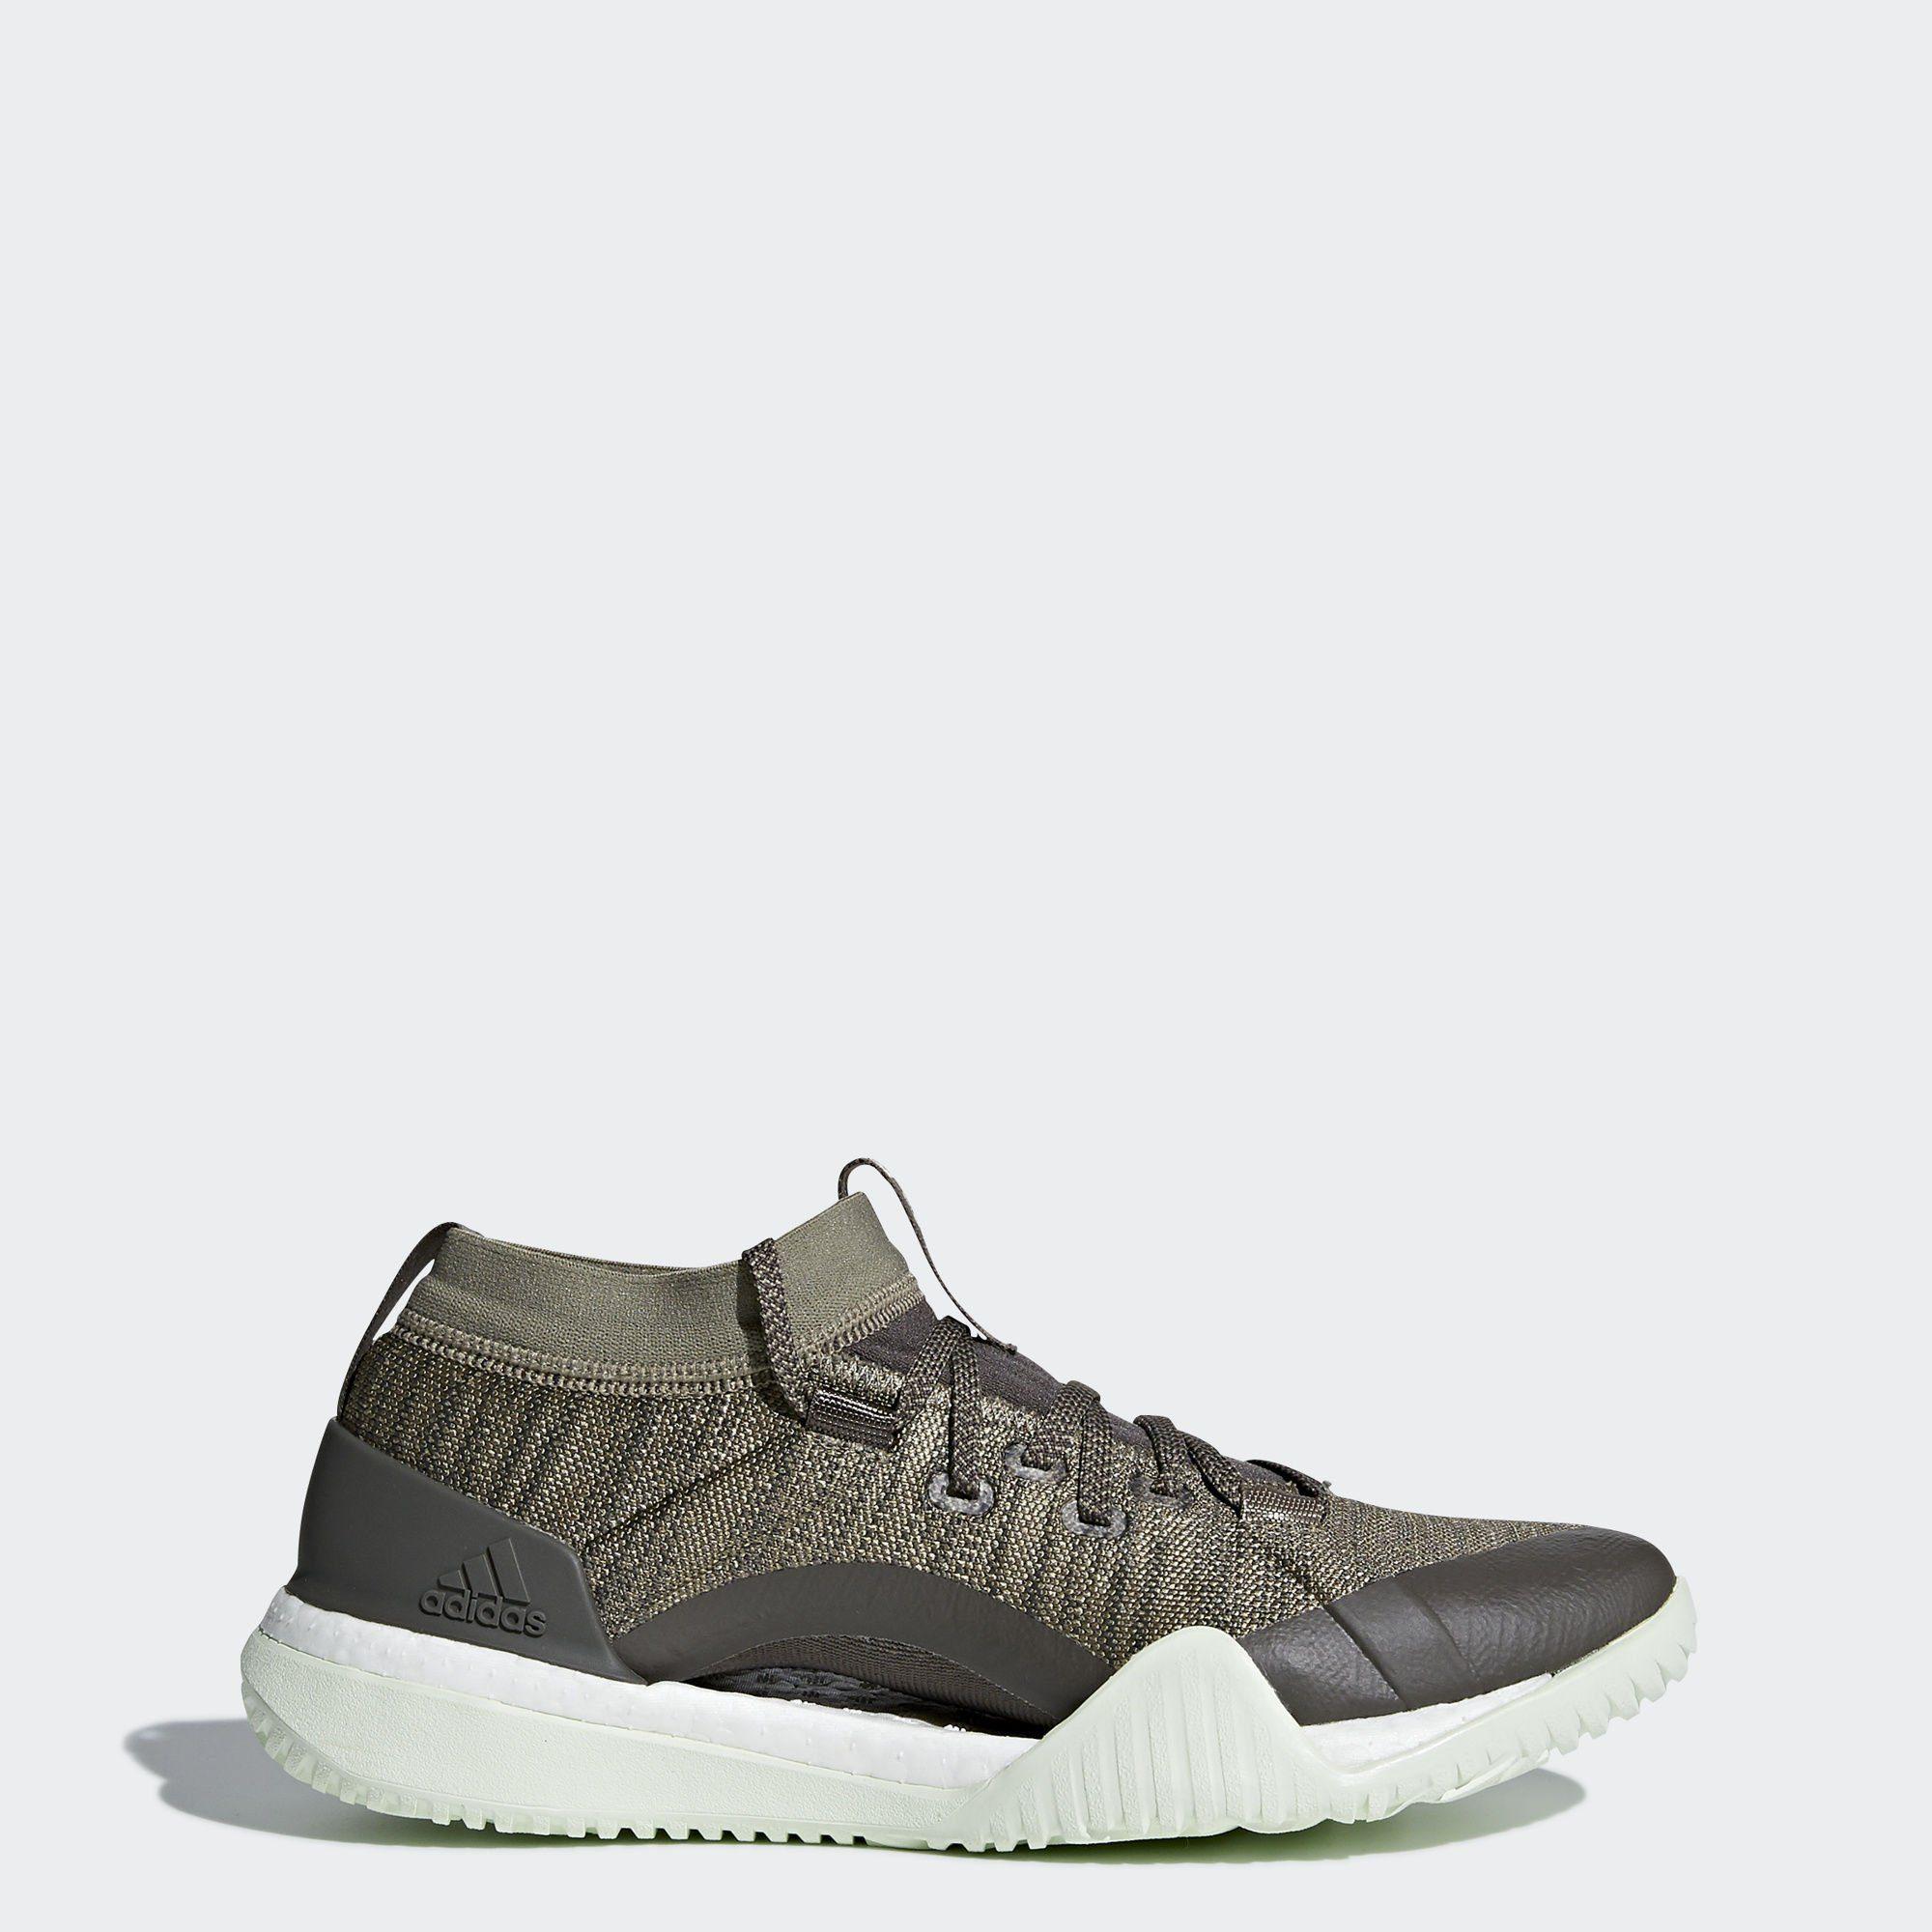 adidas Performance Pureboost X TR 30 Schuh Trainingsschuh online kaufen  green